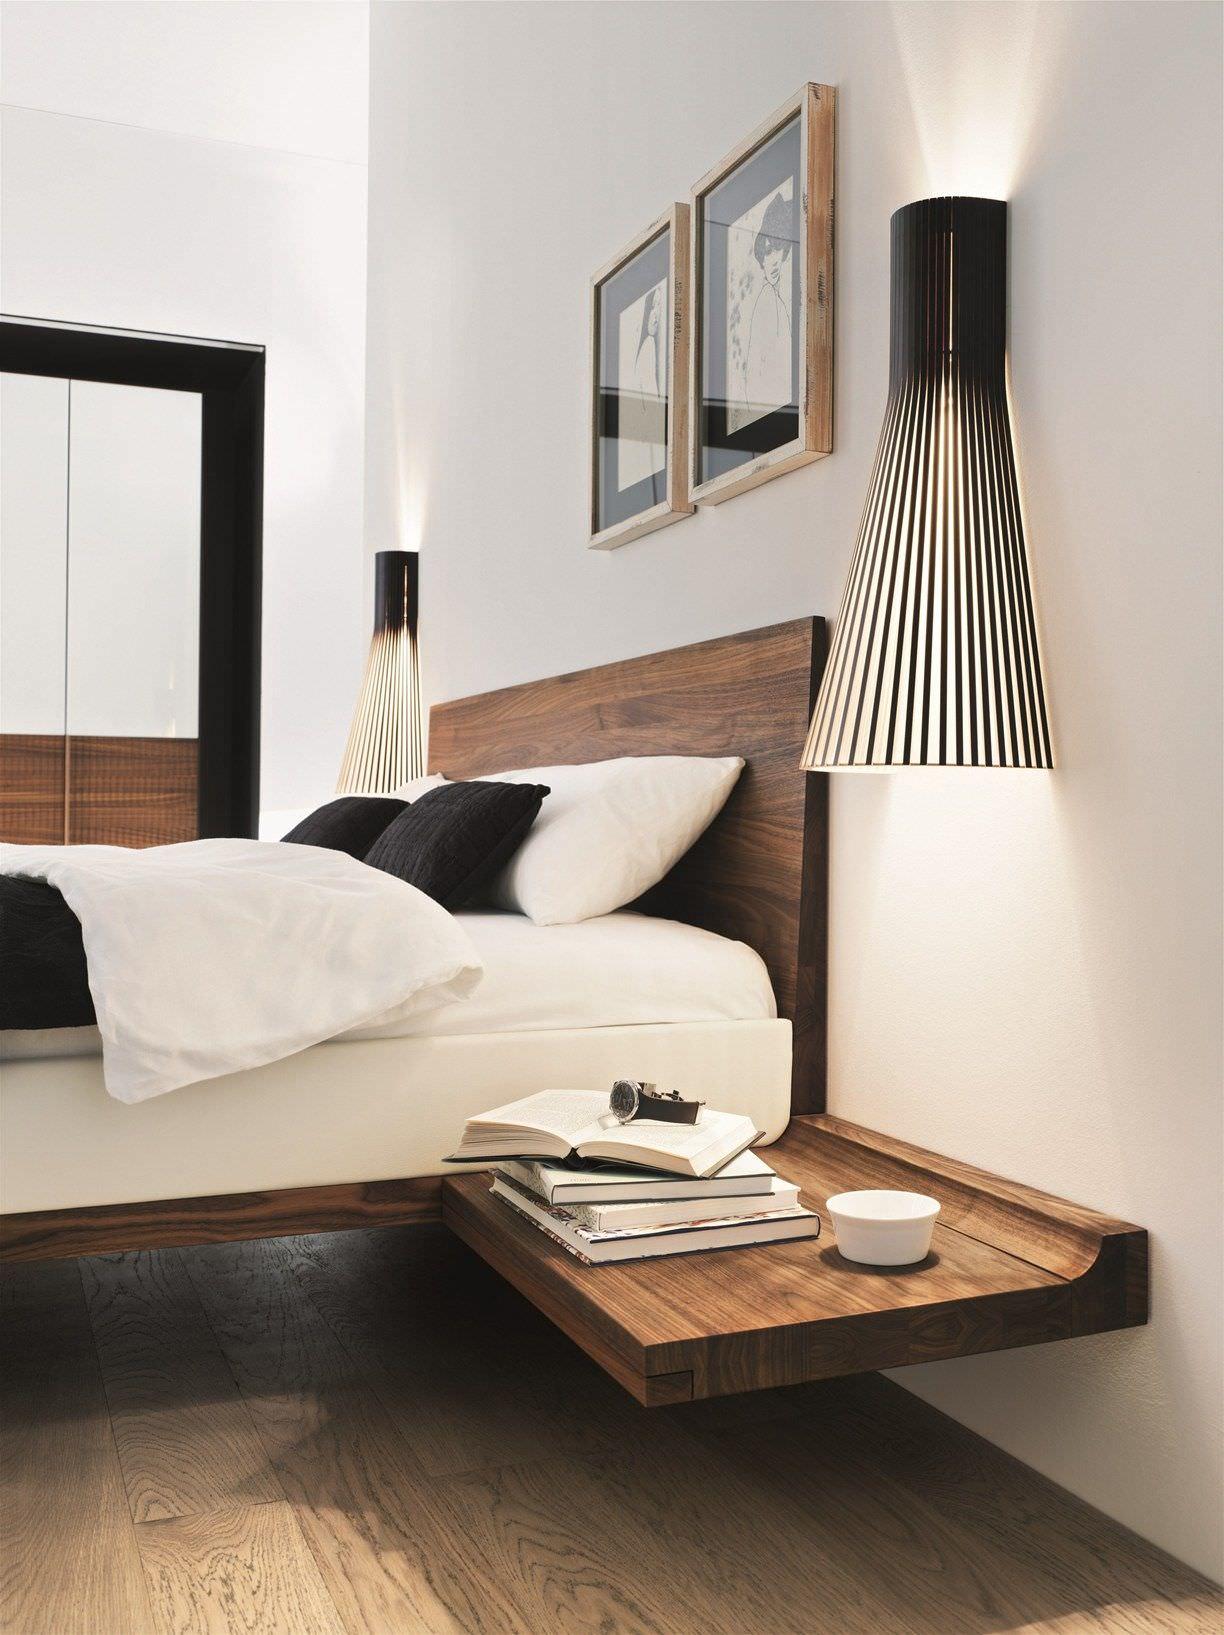 Camera Da Letto Bianca E Nera 100 idee camere da letto moderne • colori, illuminazione